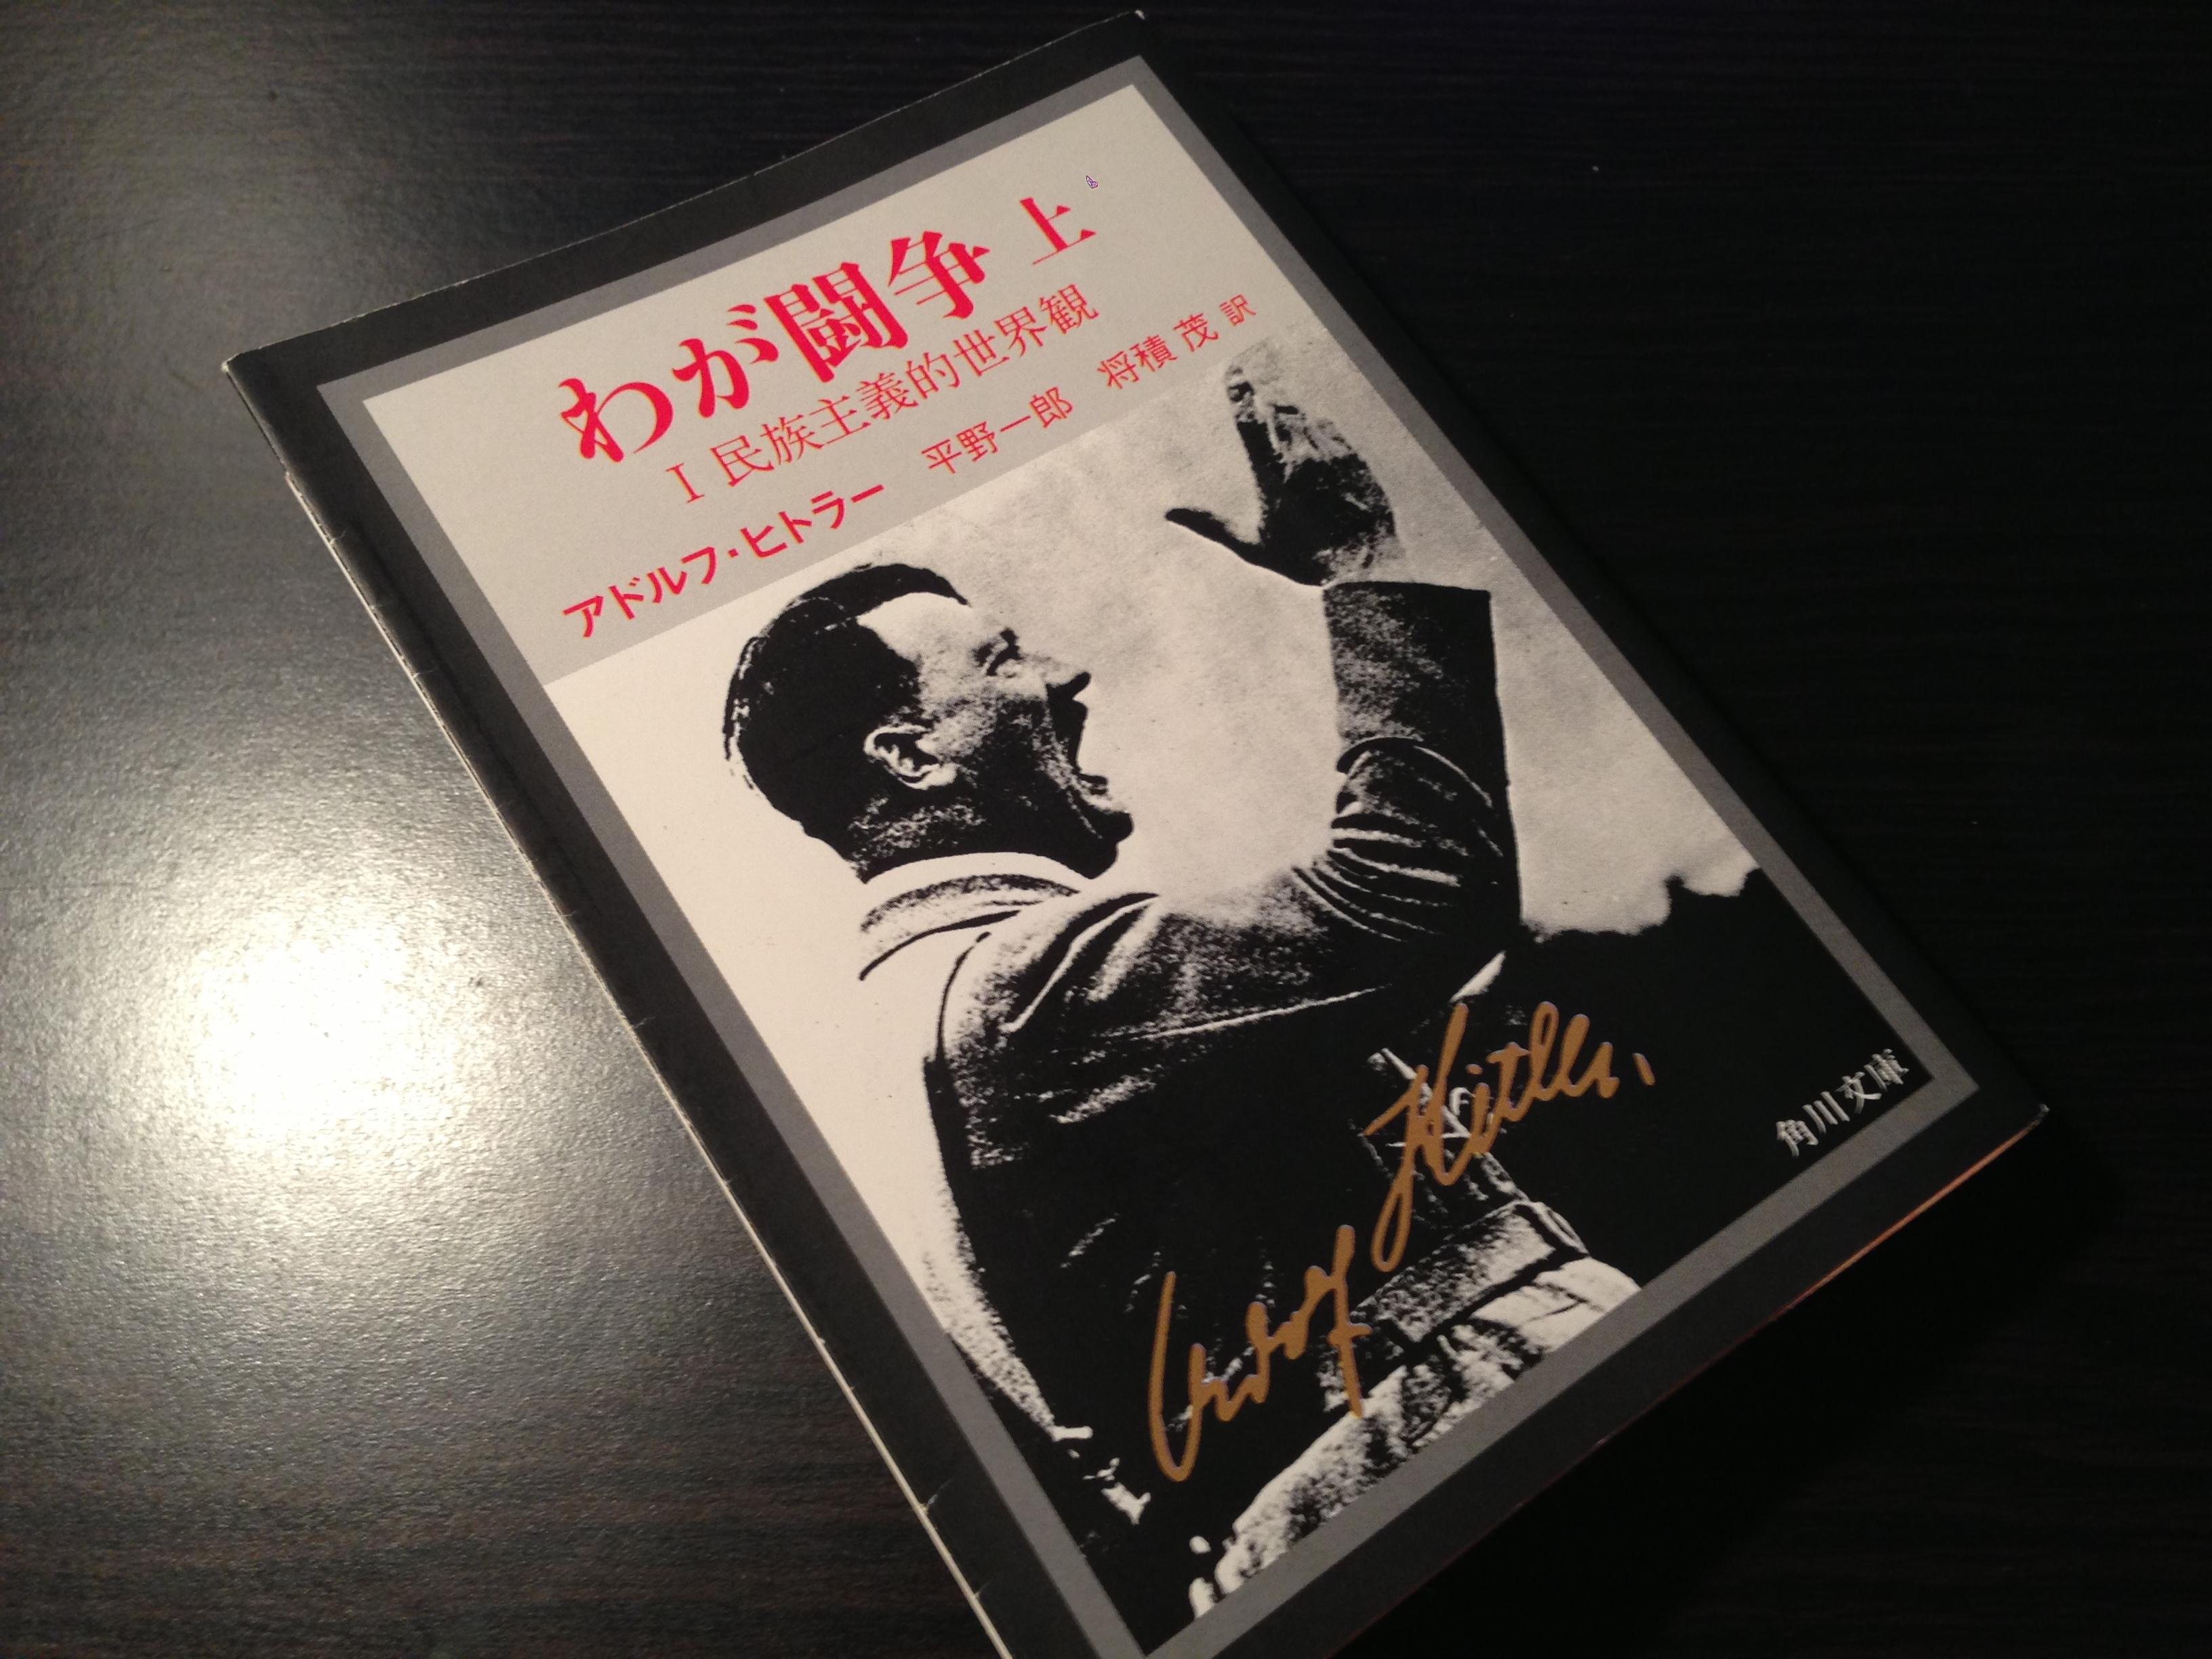 怪文章!?ナチスの本『わが闘争』から学べること